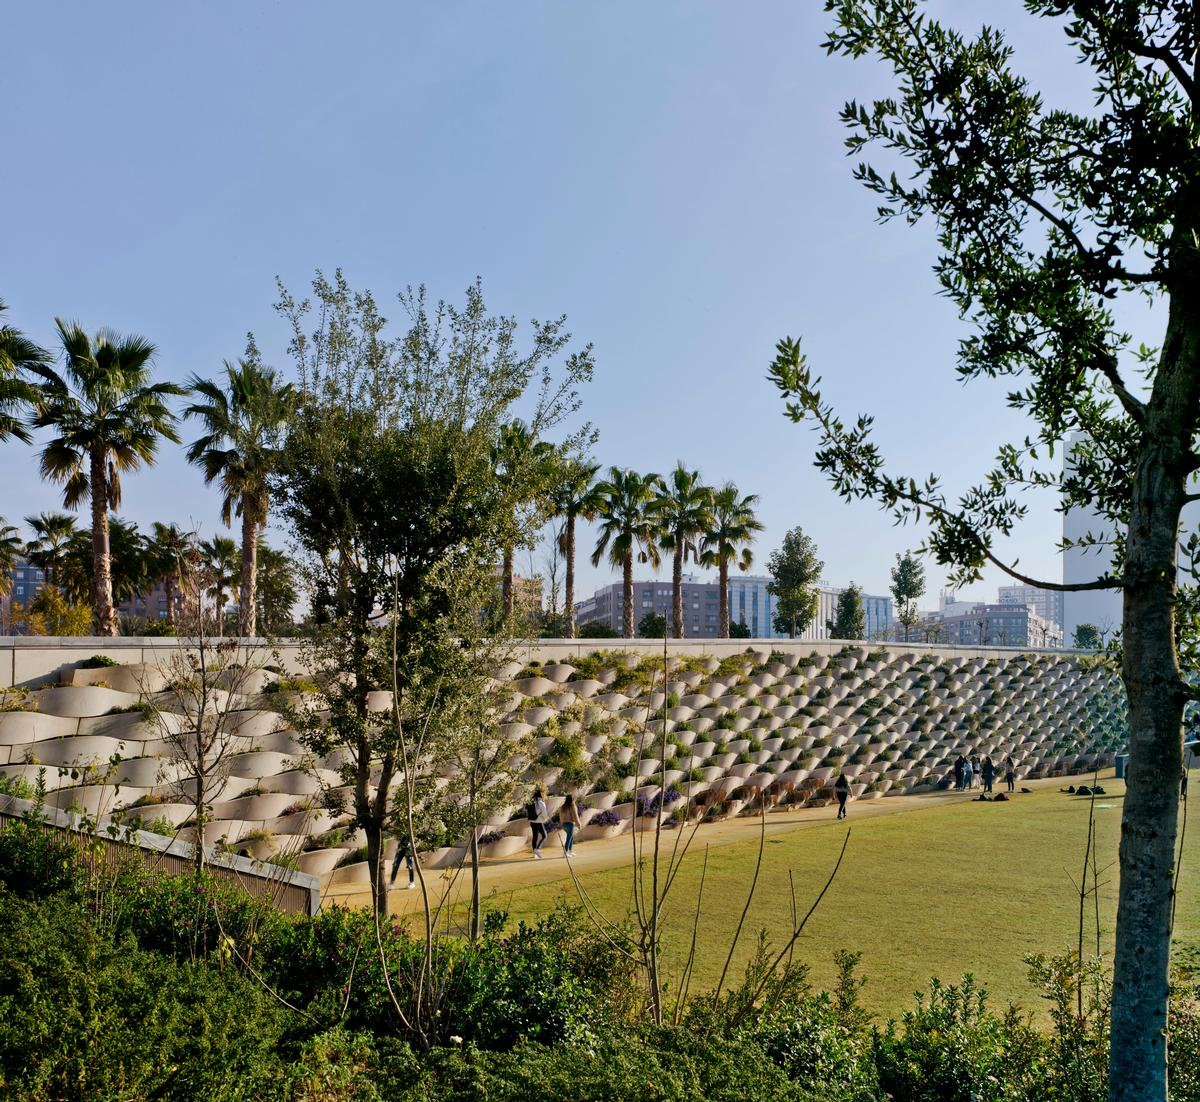 València Parque Central by Gustafson Porter+ Bowman / València Parque Central Alta Velocidad 2003 S.A.